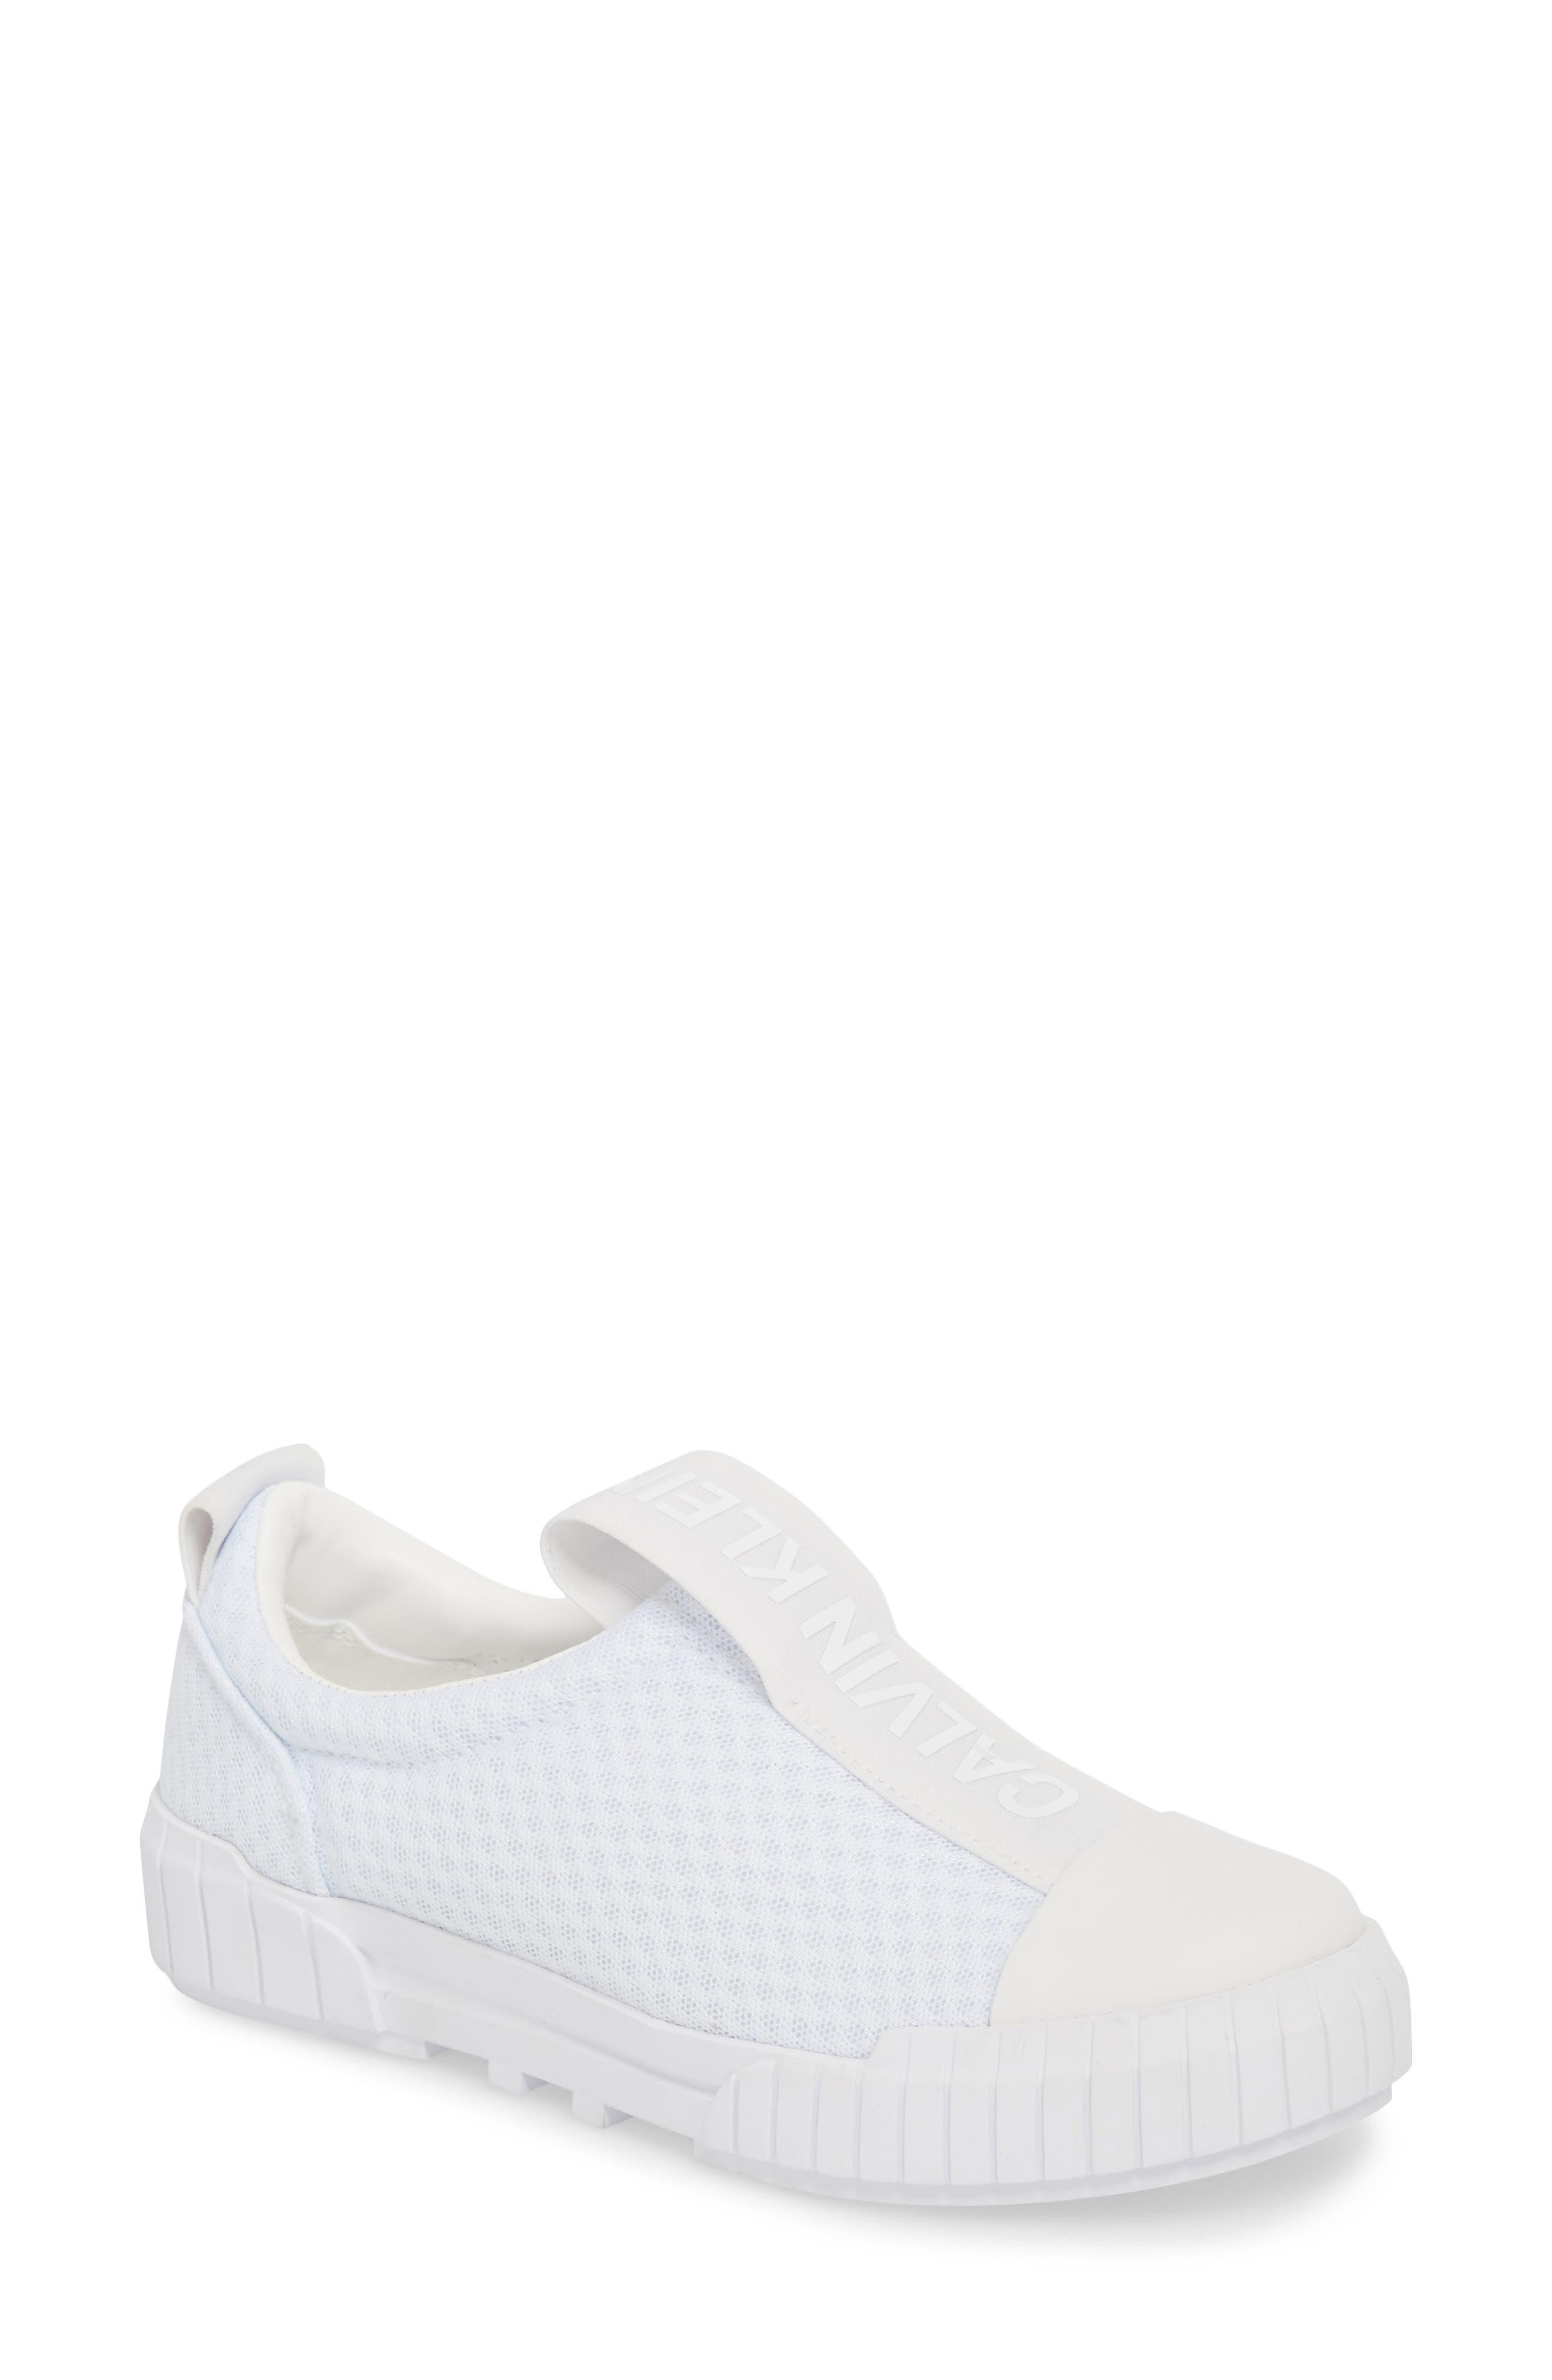 Bamina Slip-On Sneaker, White